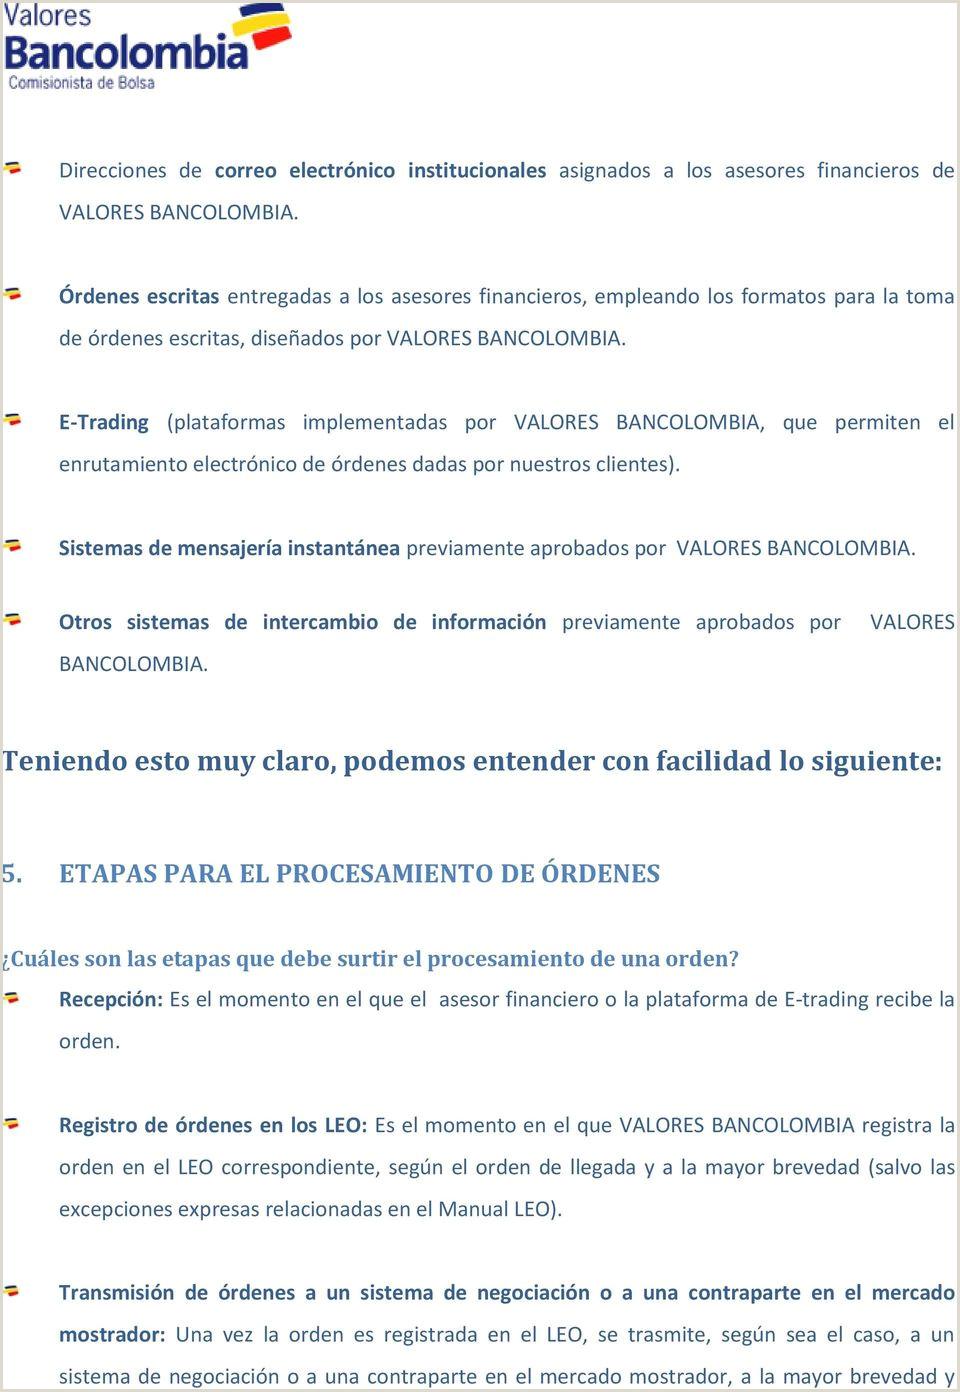 """GUA PRCTICA DEL MANUAL SOBRE LIBROS ELECTR""""NICOS DE"""